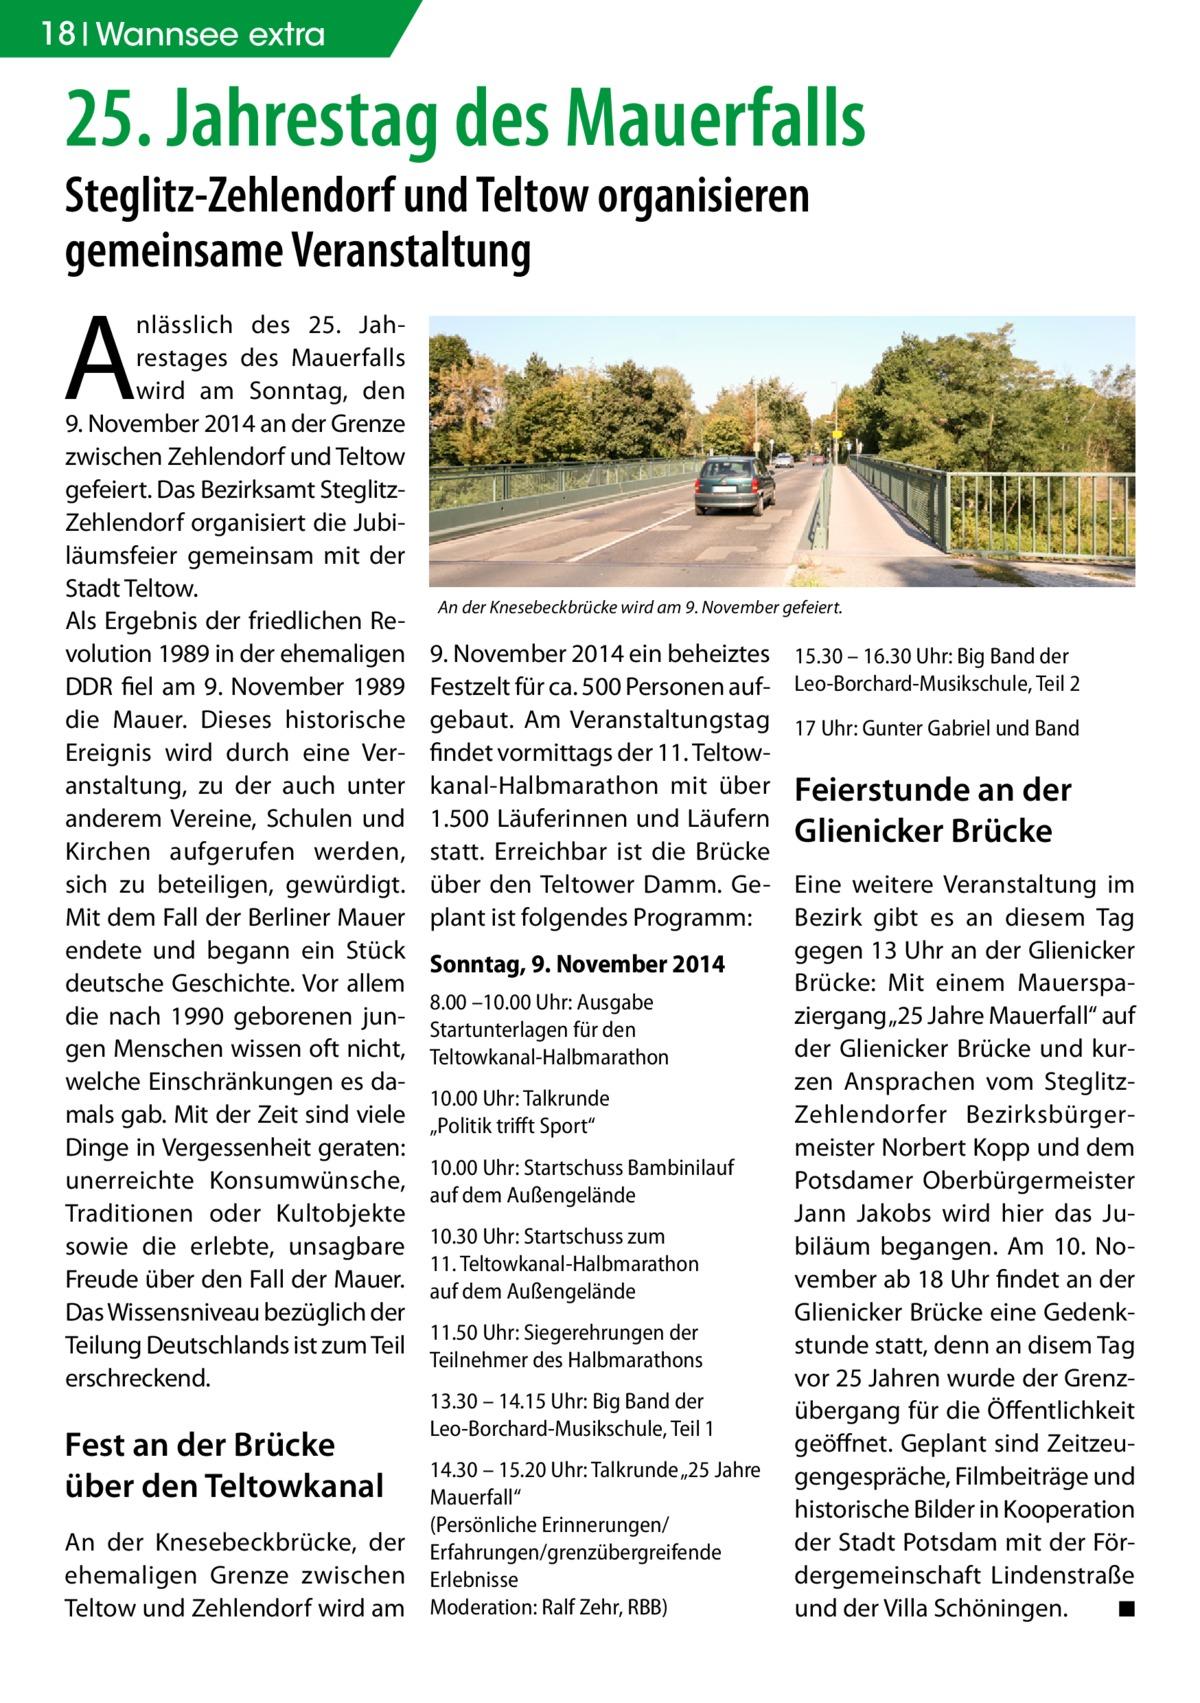 """18 Wannsee extra  25. Jahrestag des Mauerfalls Steglitz-Zehlendorf und Teltow organisieren gemeinsame Veranstaltung  A  nlässlich des 25. Jahrestages des Mauerfalls wird am Sonntag, den 9.November 2014 an der Grenze zwischen Zehlendorf und Teltow gefeiert. Das Bezirksamt SteglitzZehlendorf organisiert die Jubiläumsfeier gemeinsam mit der Stadt Teltow. Als Ergebnis der friedlichen Revolution 1989 in der ehemaligen DDR fiel am 9. November 1989 die Mauer. Dieses historische Ereignis wird durch eine Veranstaltung, zu der auch unter anderem Vereine, Schulen und Kirchen aufgerufen werden, sich zu beteiligen, gewürdigt. Mit dem Fall der Berliner Mauer endete und begann ein Stück deutsche Geschichte. Vor allem die nach 1990 geborenen jungen Menschen wissen oft nicht, welche Einschränkungen es damals gab. Mit der Zeit sind viele Dinge in Vergessenheit geraten: unerreichte Konsumwünsche, Traditionen oder Kultobjekte sowie die erlebte, unsagbare Freude über den Fall der Mauer. Das Wissensniveau bezüglich der Teilung Deutschlands ist zum Teil erschreckend.  Fest an der Brücke über den Teltowkanal An der Knesebeckbrücke, der ehemaligen Grenze zwischen Teltow und Zehlendorf wird am  An der Knesebeckbrücke wird am 9. November gefeiert.  9.November 2014 ein beheiztes Festzelt für ca. 500 Personen aufgebaut. Am Veranstaltungstag findet vormittags der 11. Teltowkanal-Halbmarathon mit über 1.500 Läuferinnen und Läufern statt. Erreichbar ist die Brücke über den Teltower Damm. Geplant ist folgendes Programm: Sonntag, 9. November 2014 8.00 –10.00 Uhr: Ausgabe Startunterlagen für den Teltowkanal-Halbmarathon 10.00 Uhr: Talkrunde """"Politik trifft Sport"""" 10.00 Uhr: Startschuss Bambinilauf auf dem Außengelände 10.30 Uhr: Startschuss zum 11.Teltowkanal-Halbmarathon auf dem Außengelände 11.50 Uhr: Siegerehrungen der Teilnehmer des Halbmarathons 13.30 – 14.15 Uhr: Big Band der Leo-Borchard-Musikschule, Teil 1 14.30 – 15.20 Uhr: Talkrunde """"25 Jahre Mauerfall"""" (Persönliche Erinnerungen/ Erfahrunge"""